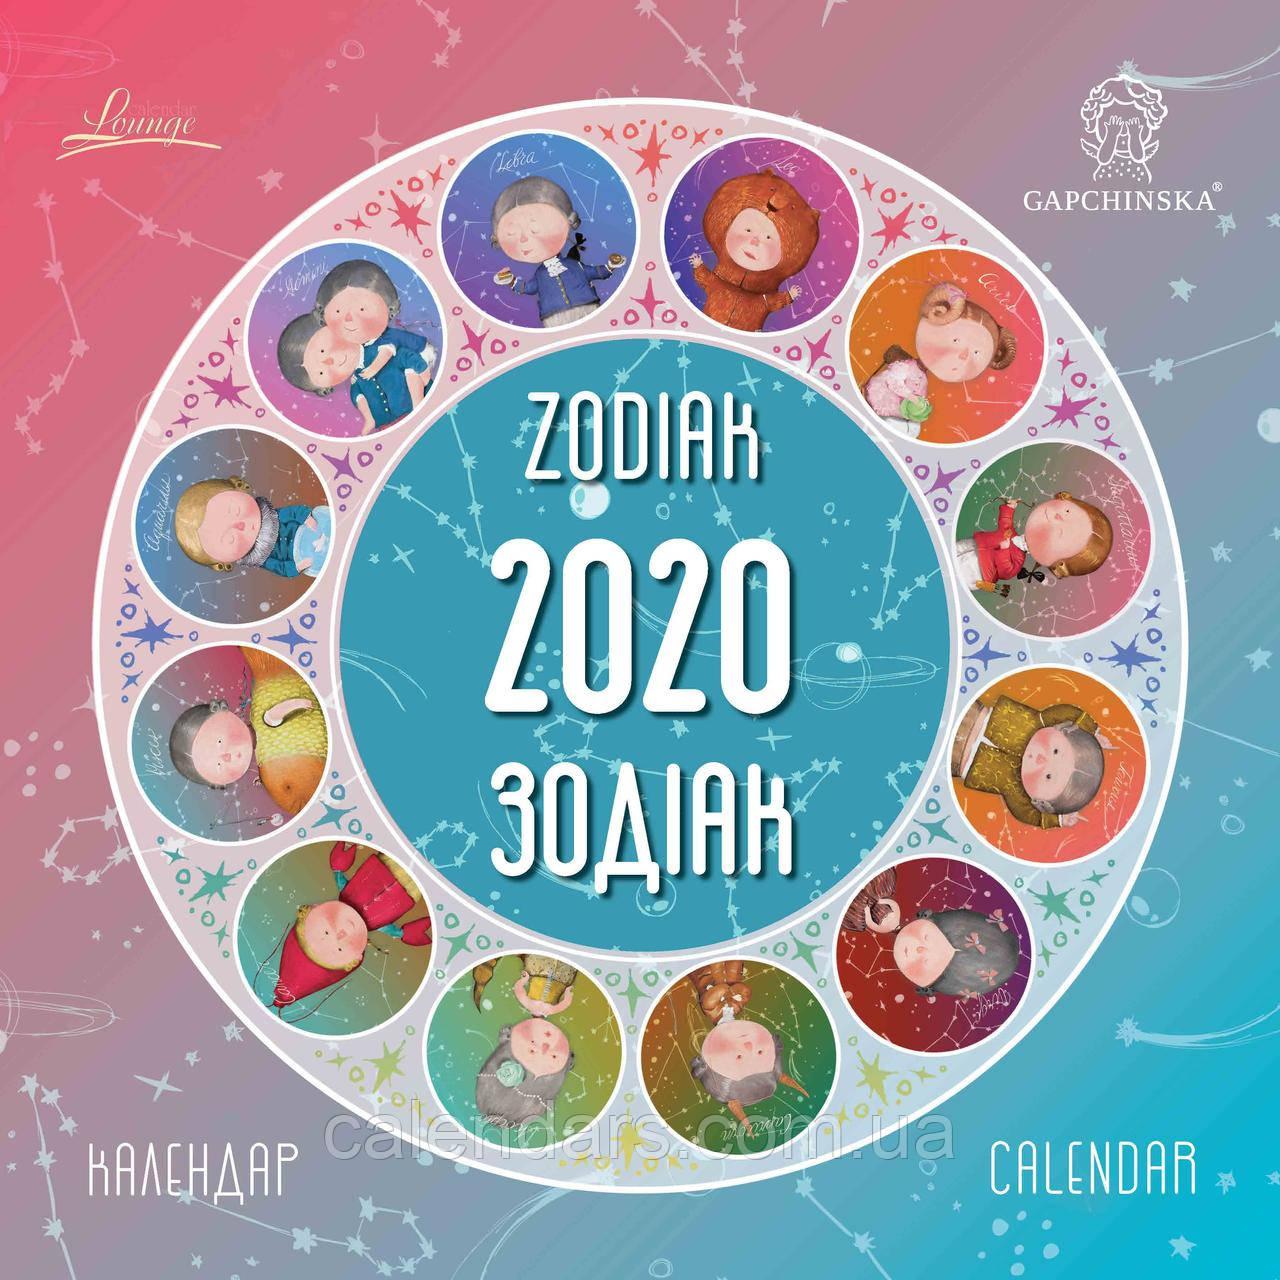 """Календар подарочный """"Лаунж Зодиак"""" 2020.Картини Гапчинской"""